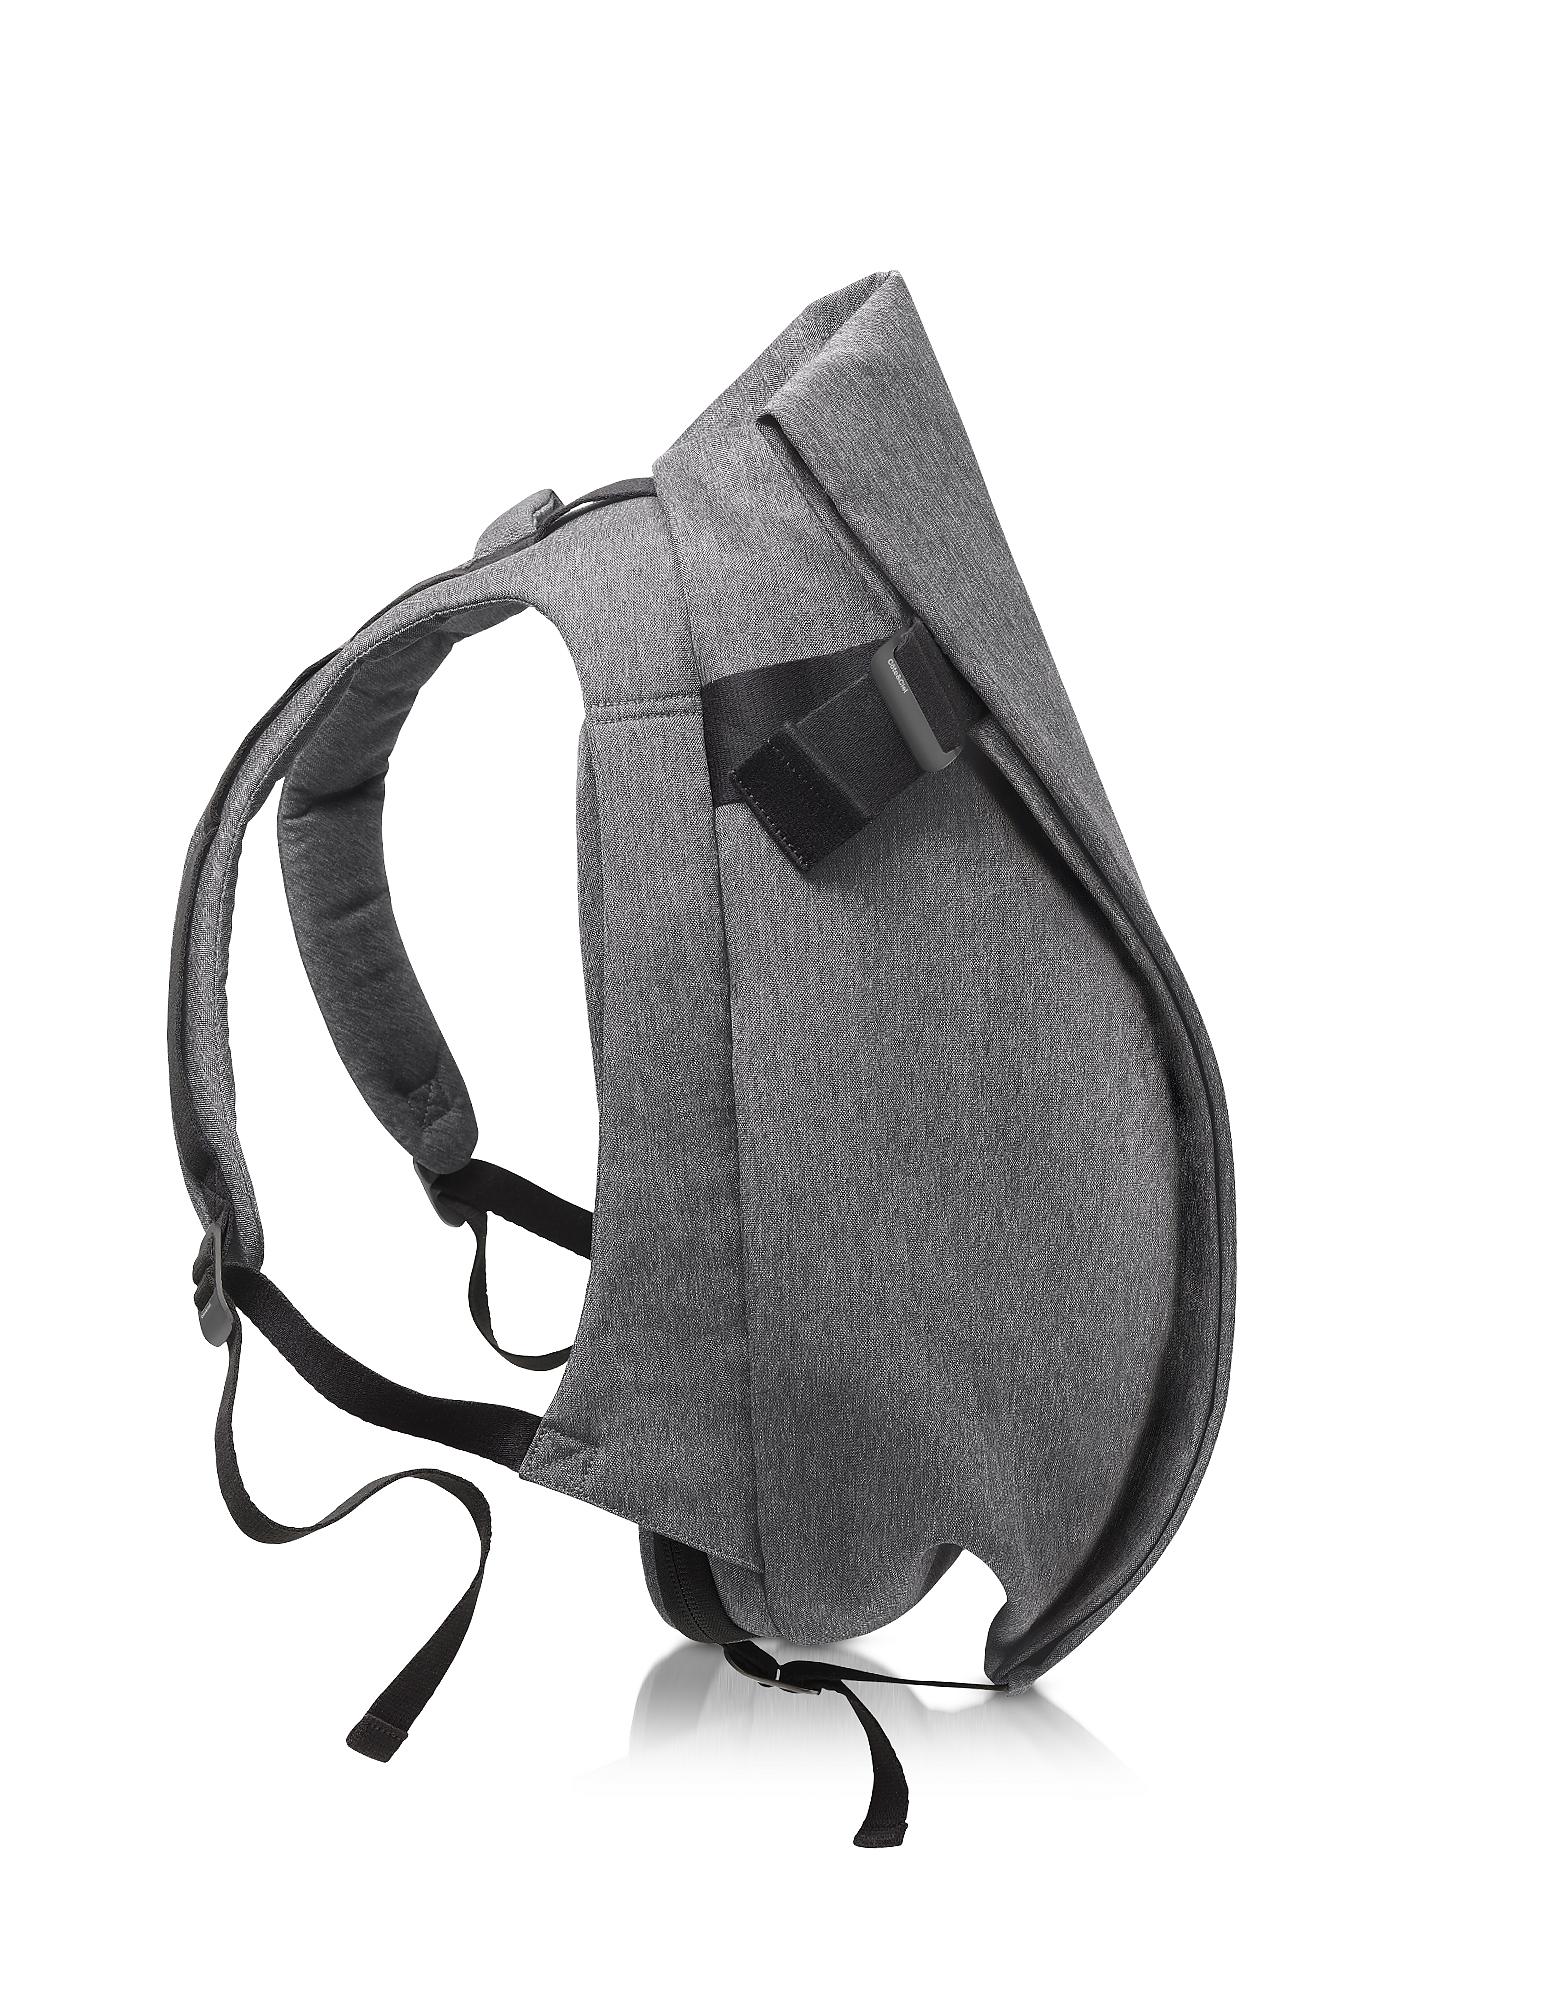 Isar - Черный Меланжевый Рюкзак Среднего Размера из Ткани